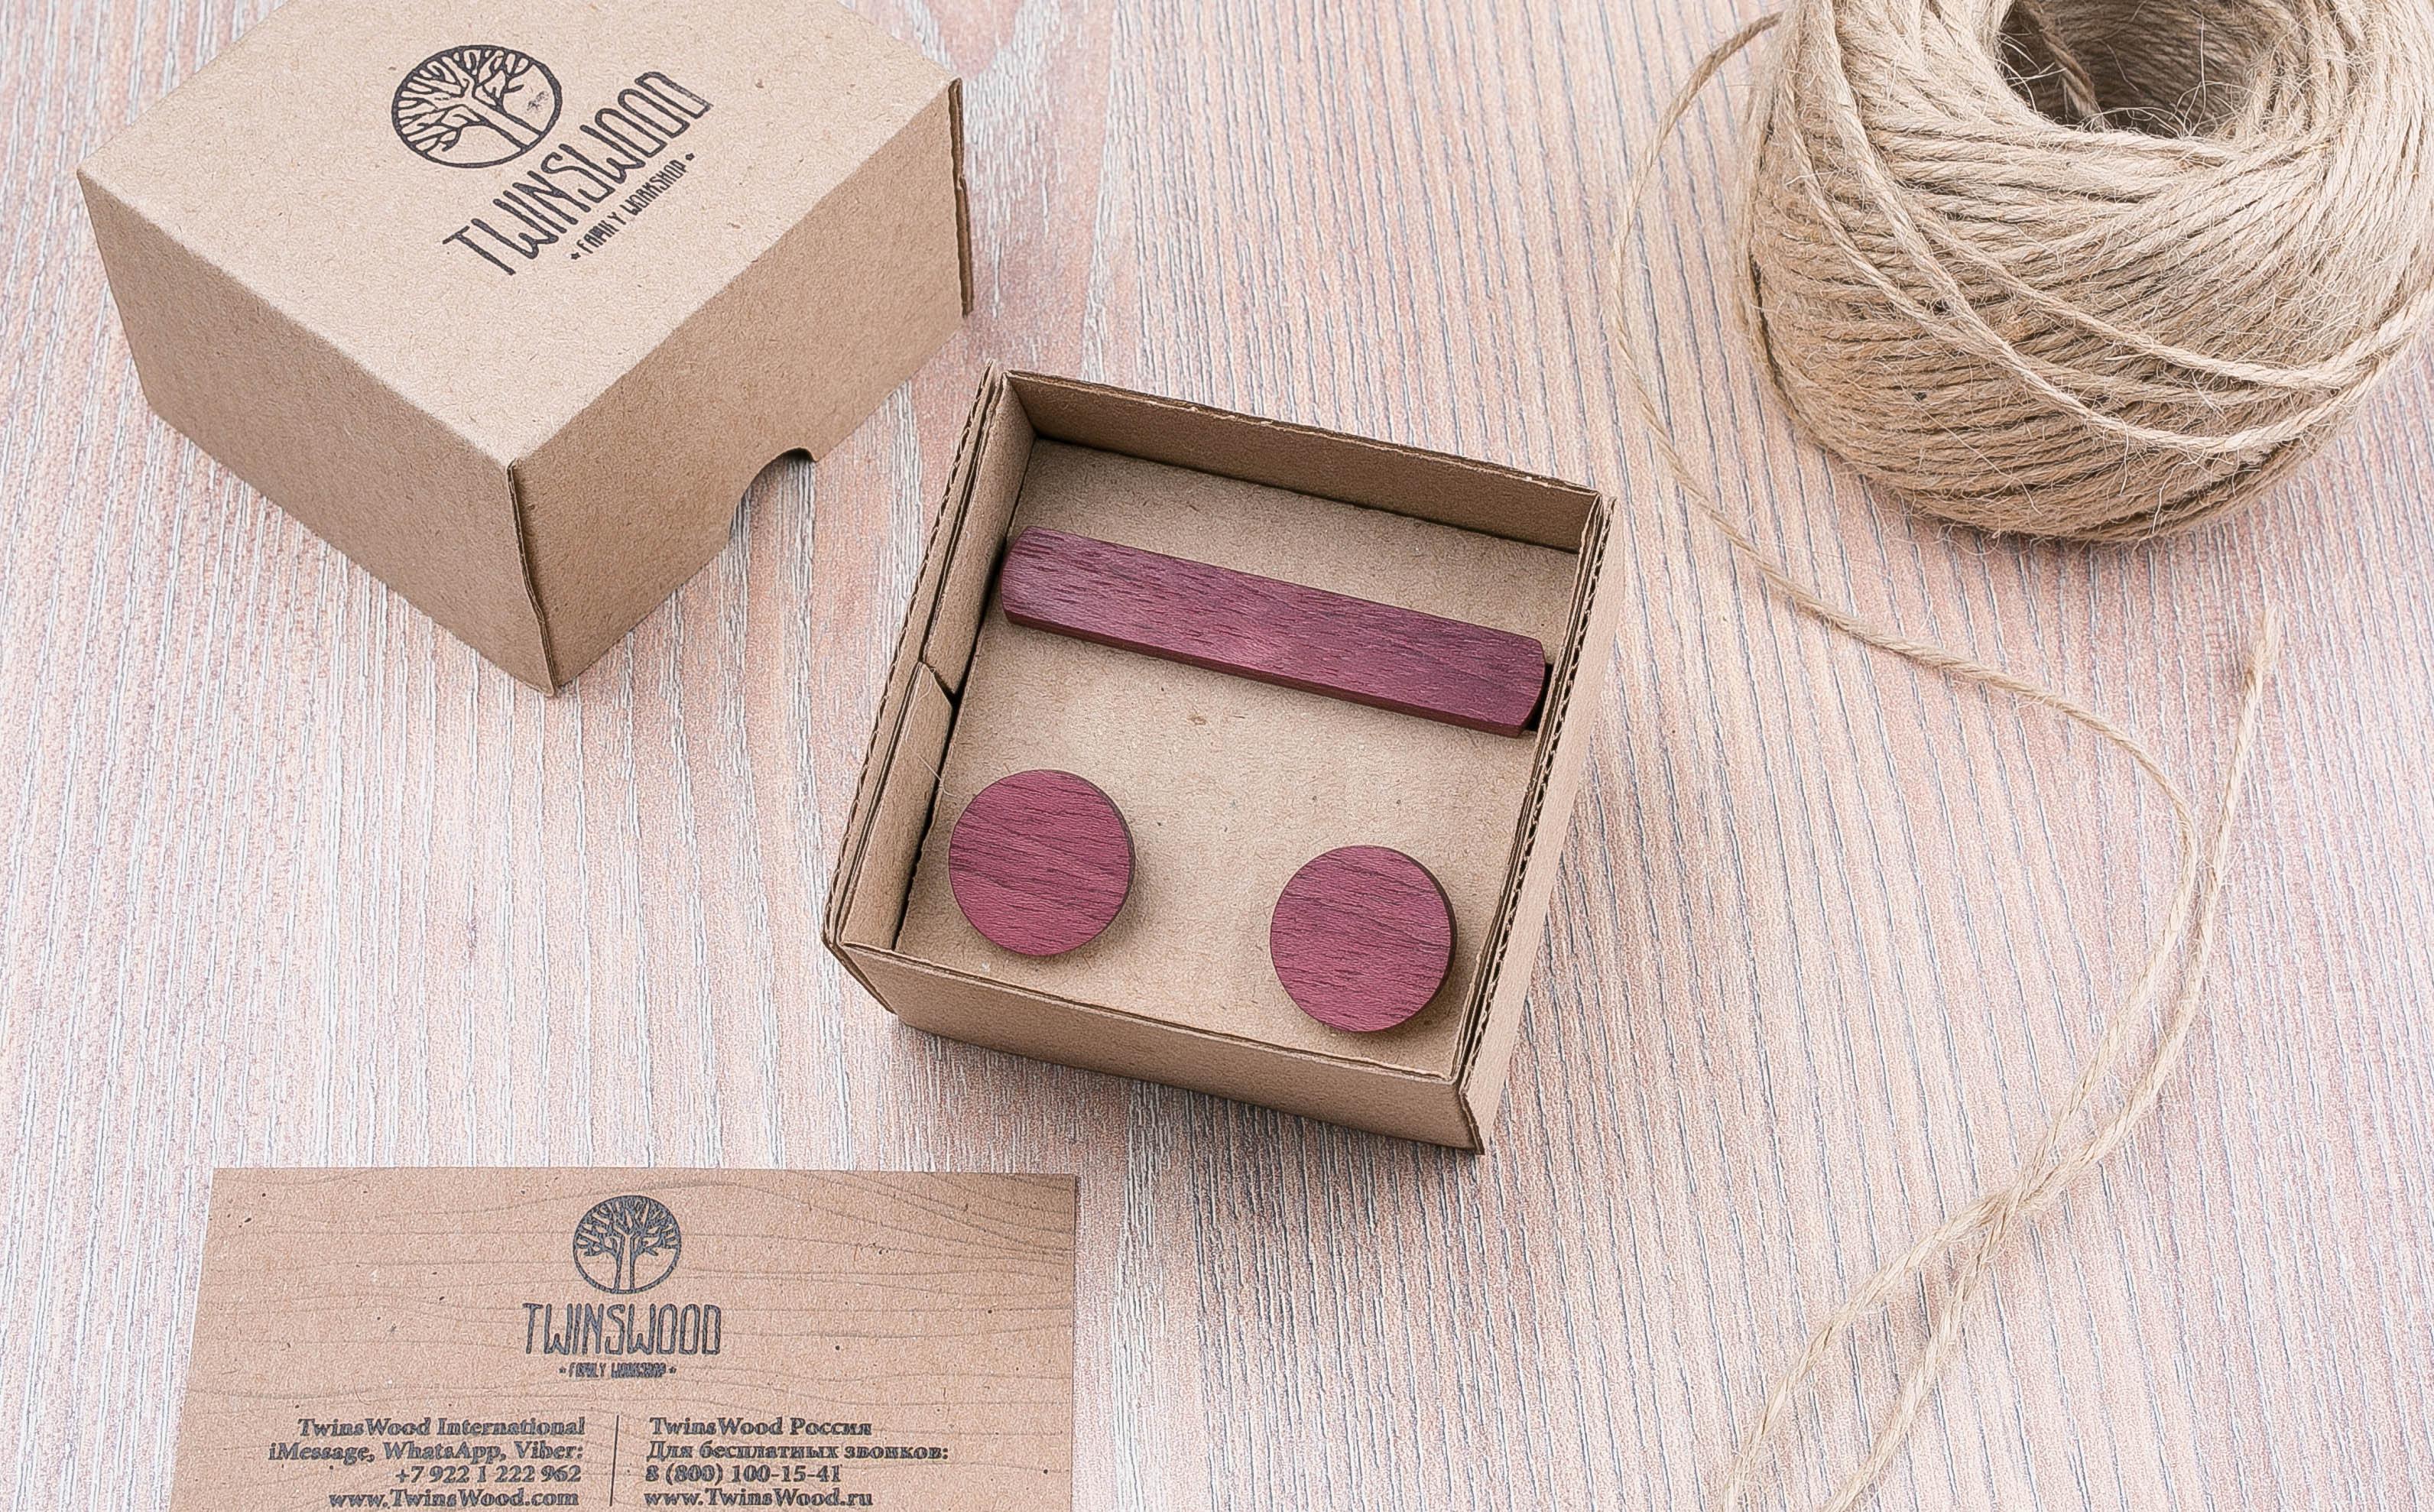 Комплект: Круглые запонки из дерева и Деревянный зажим для галстука. Массив амаранта. Гравировка инициалов. Упаковка в комплекте